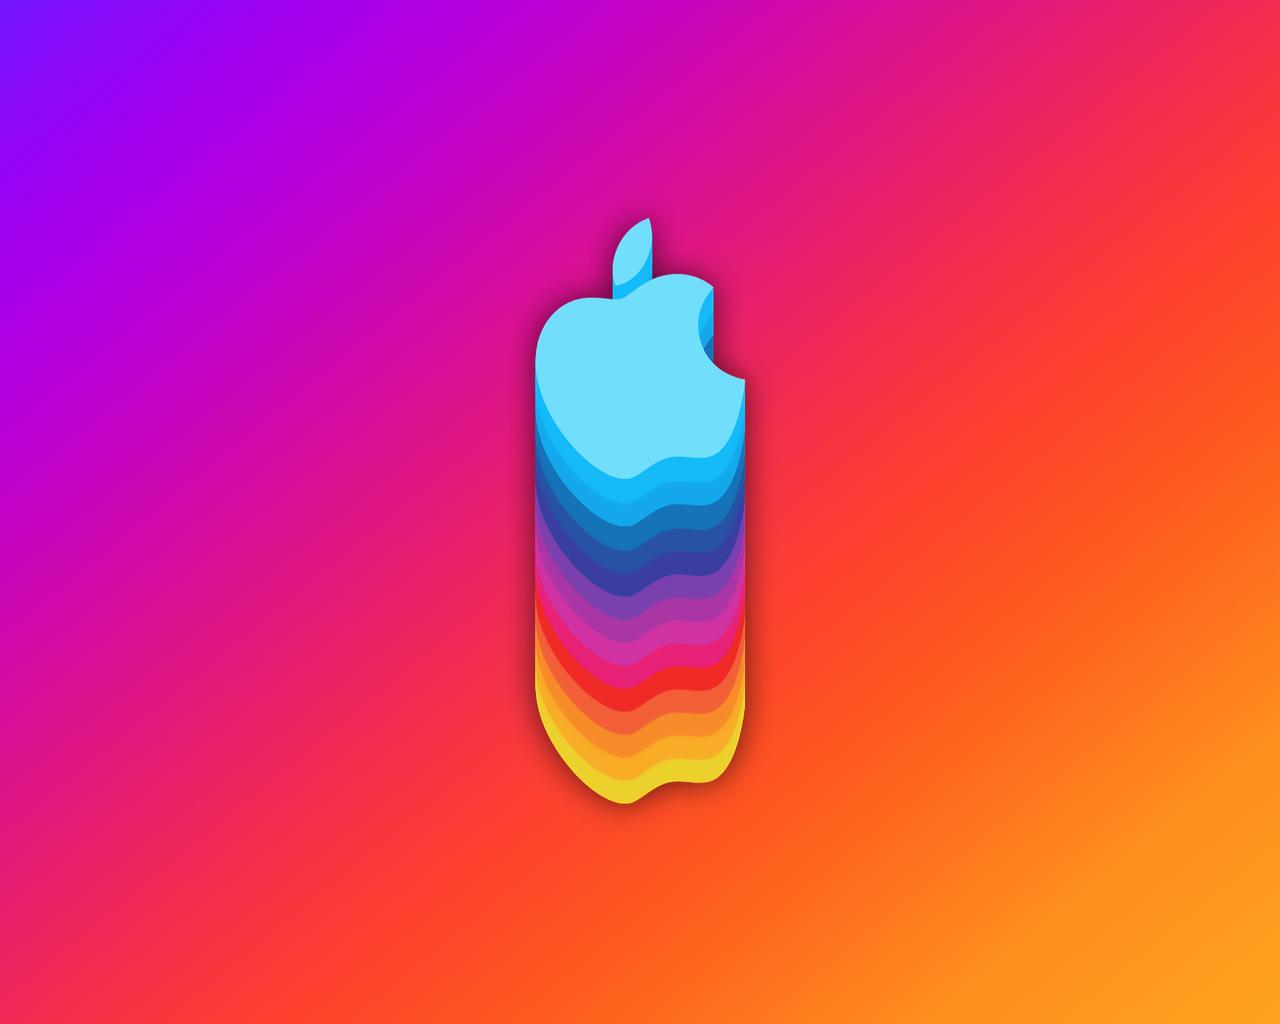 apple-logo-material-8k-kr.jpg